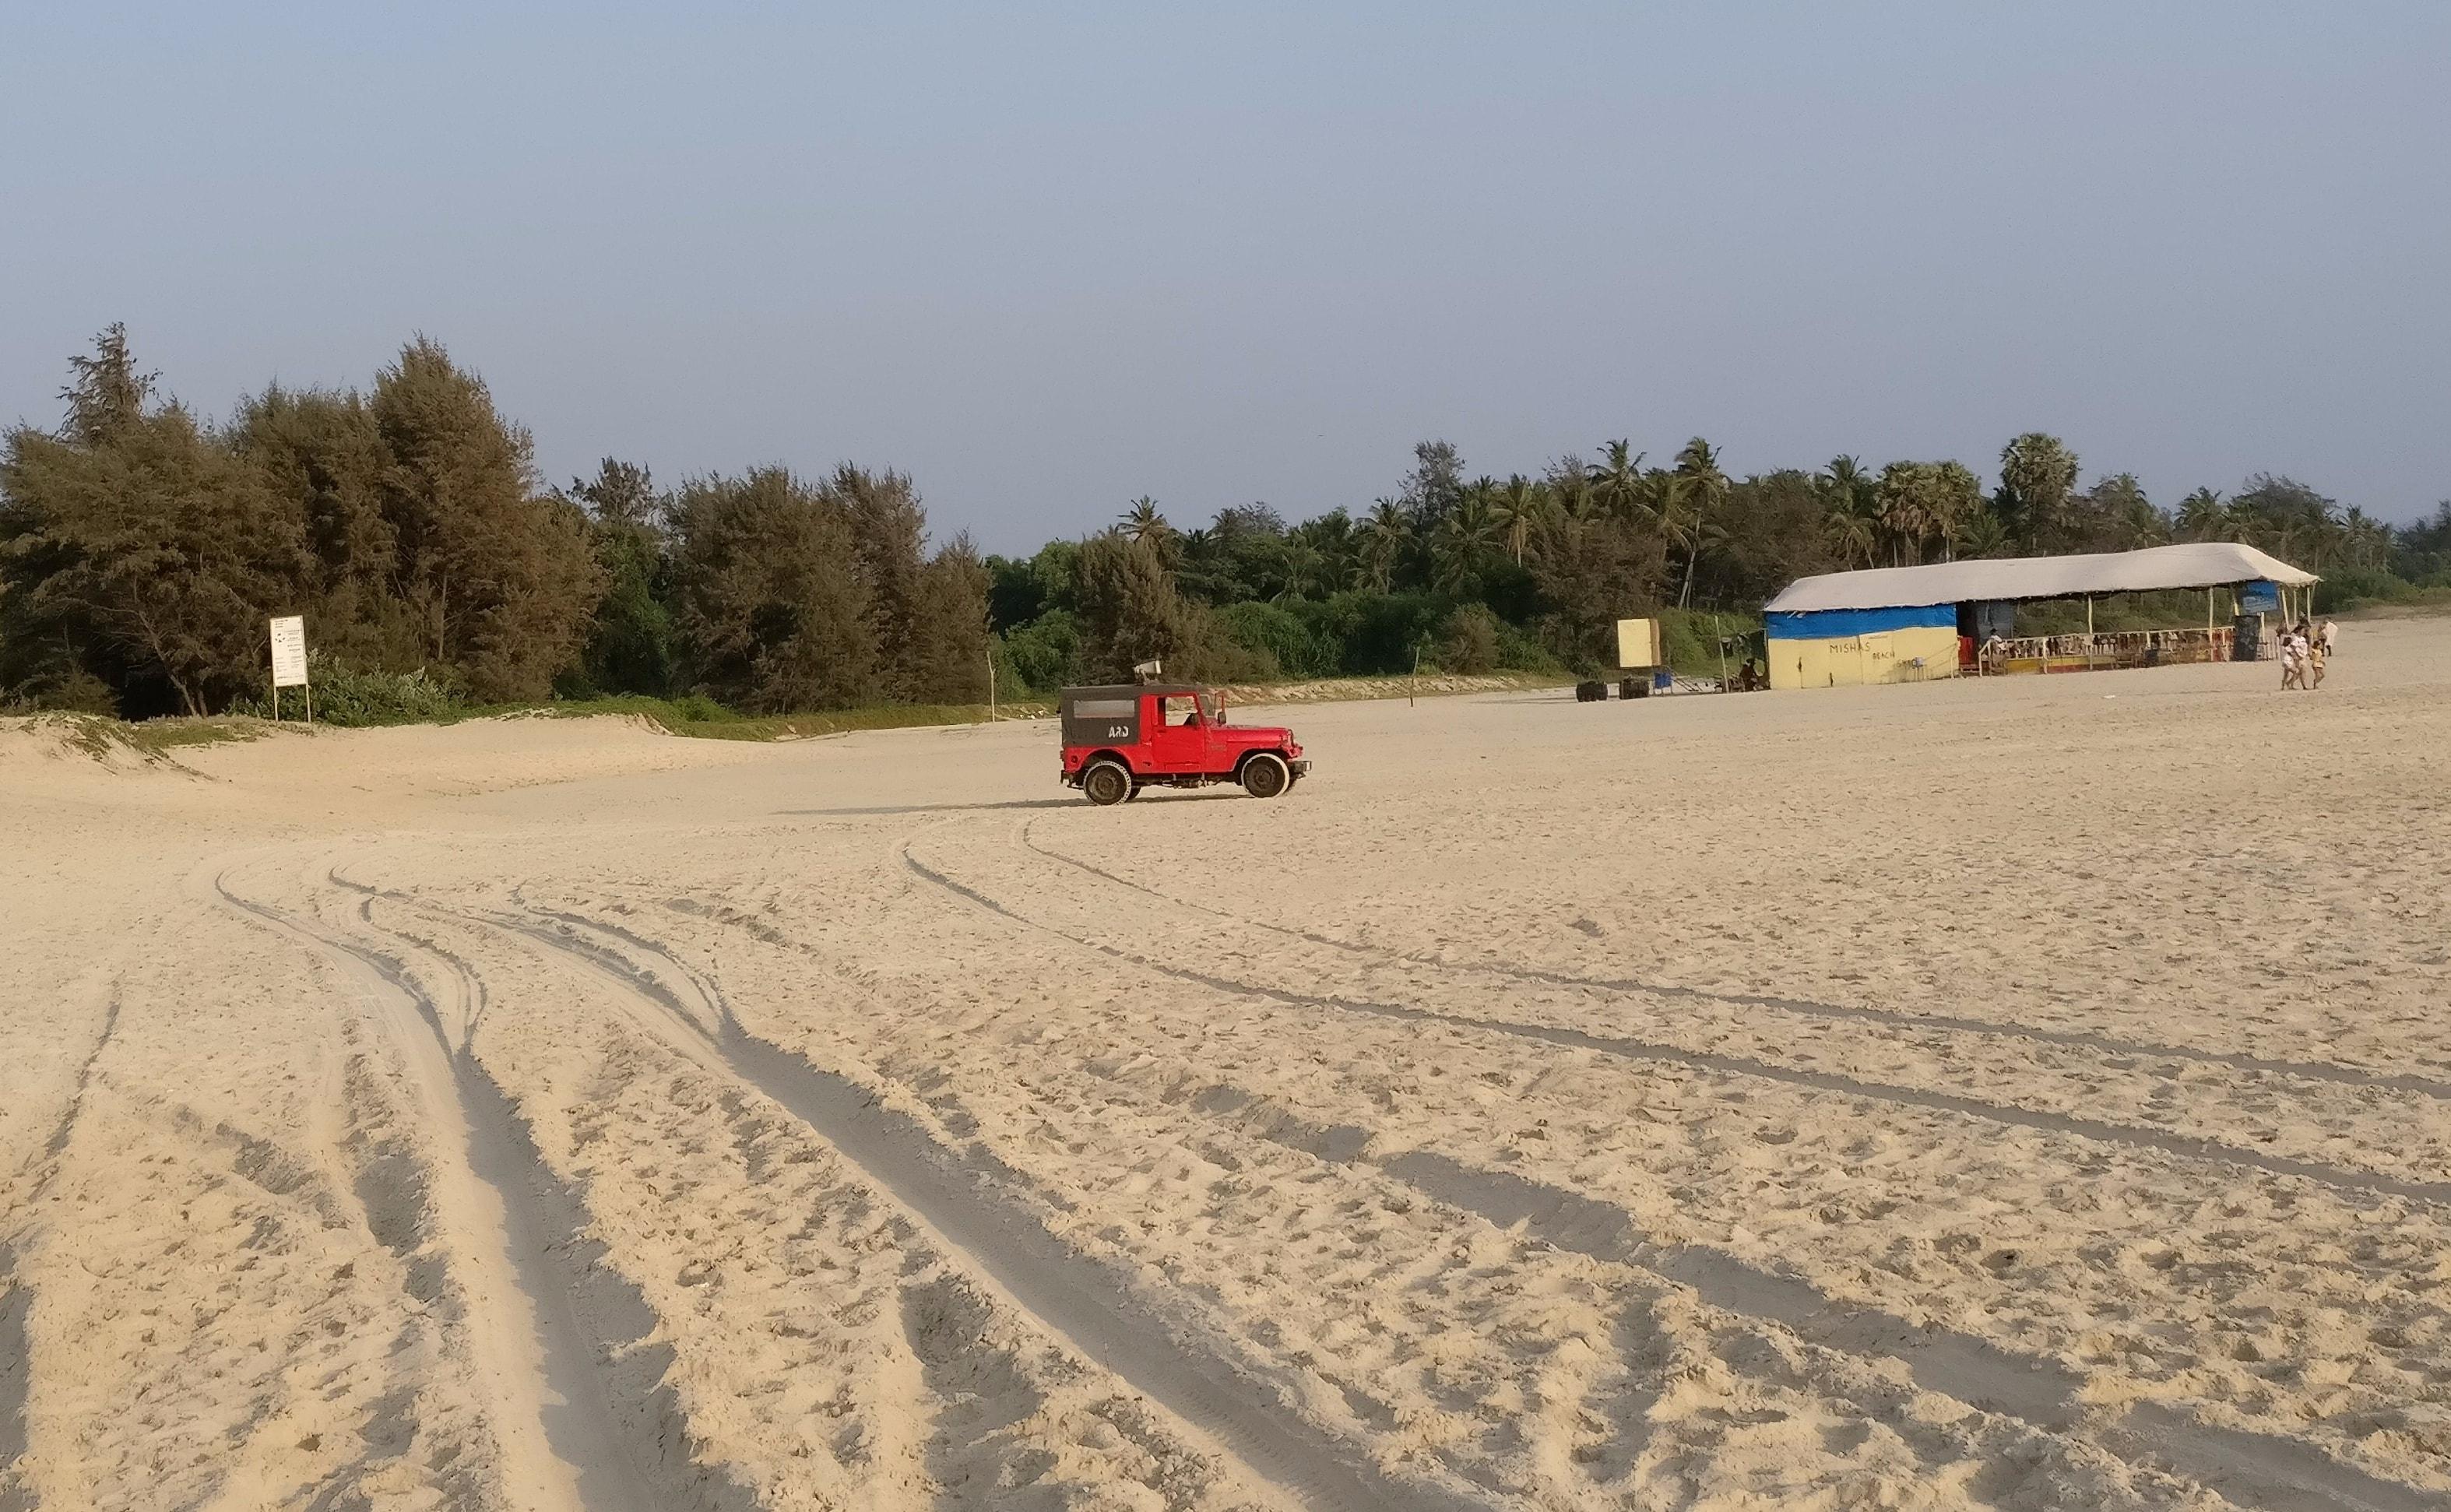 hidden beaches in goa, best beaches in goa, goa resports, south goa, white sandy beaches of goa